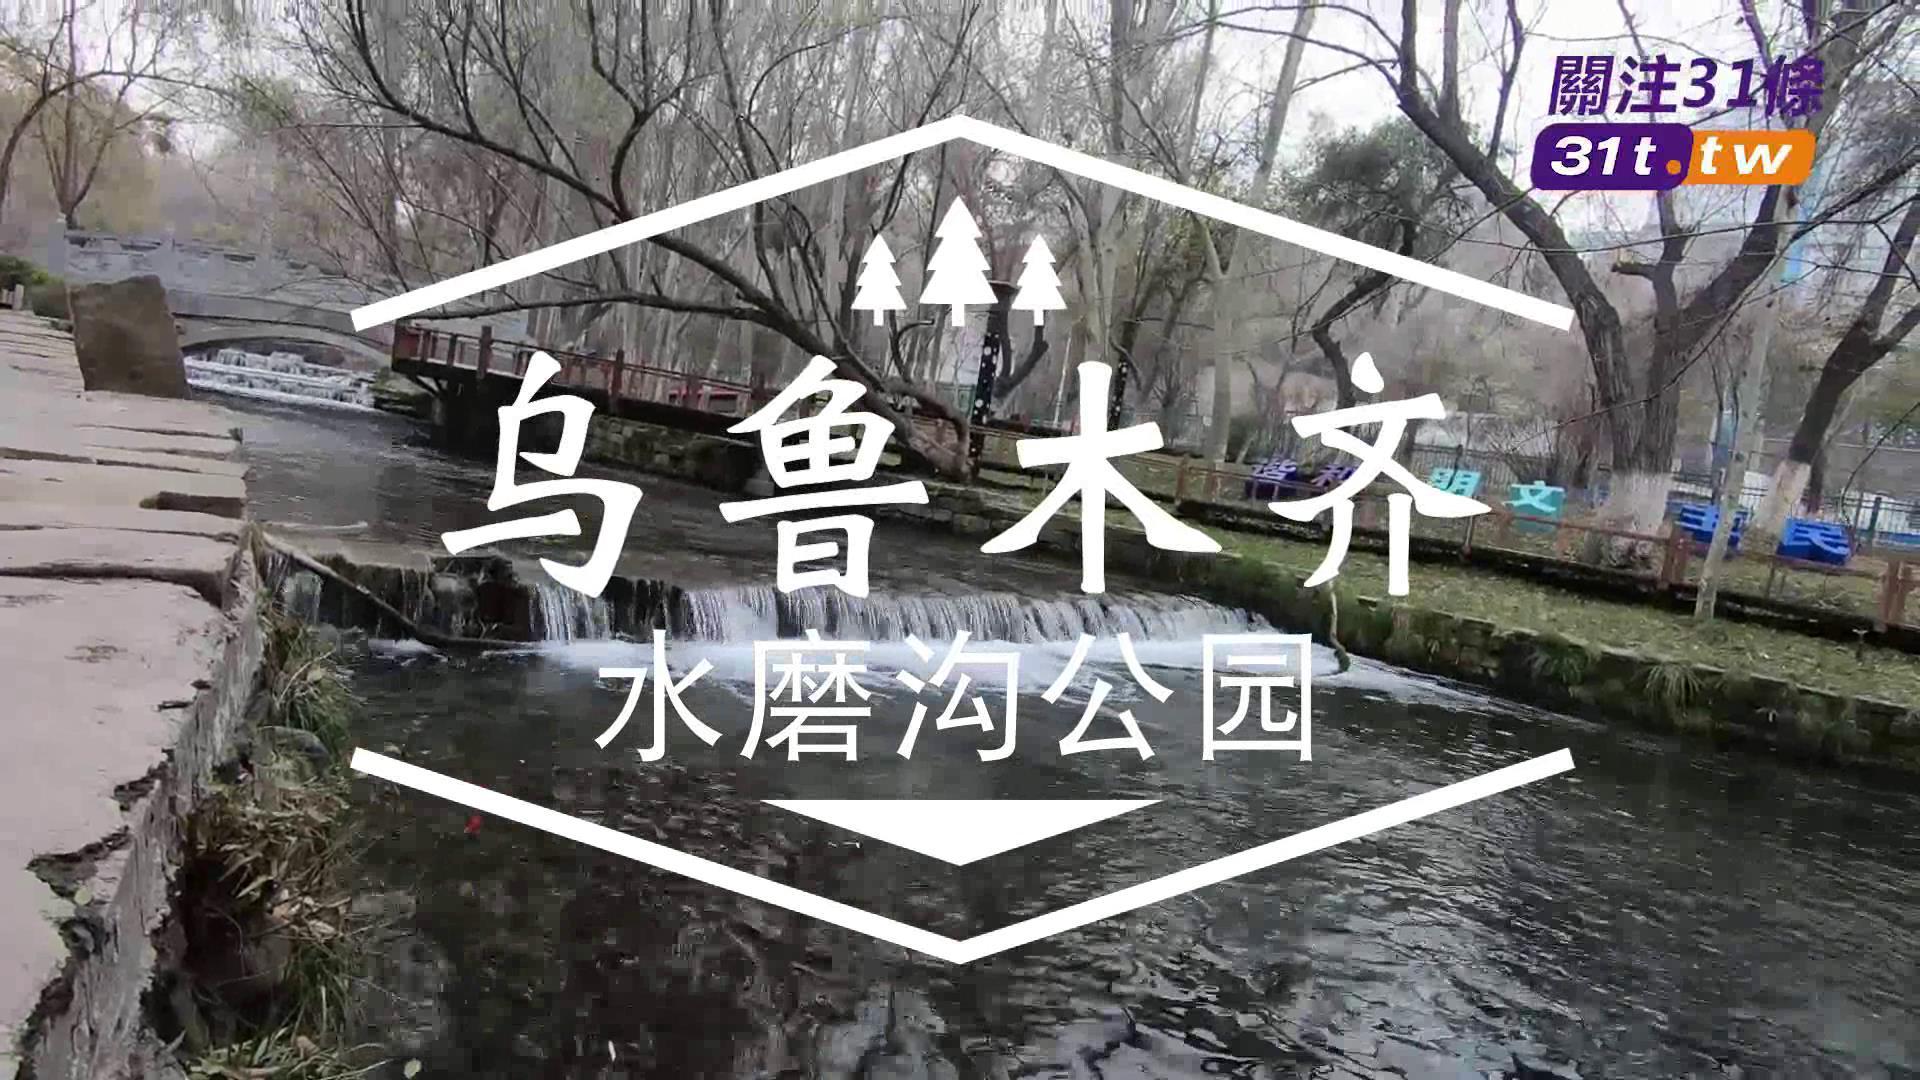 魅力新疆——乌鲁木齐水磨沟公园图片